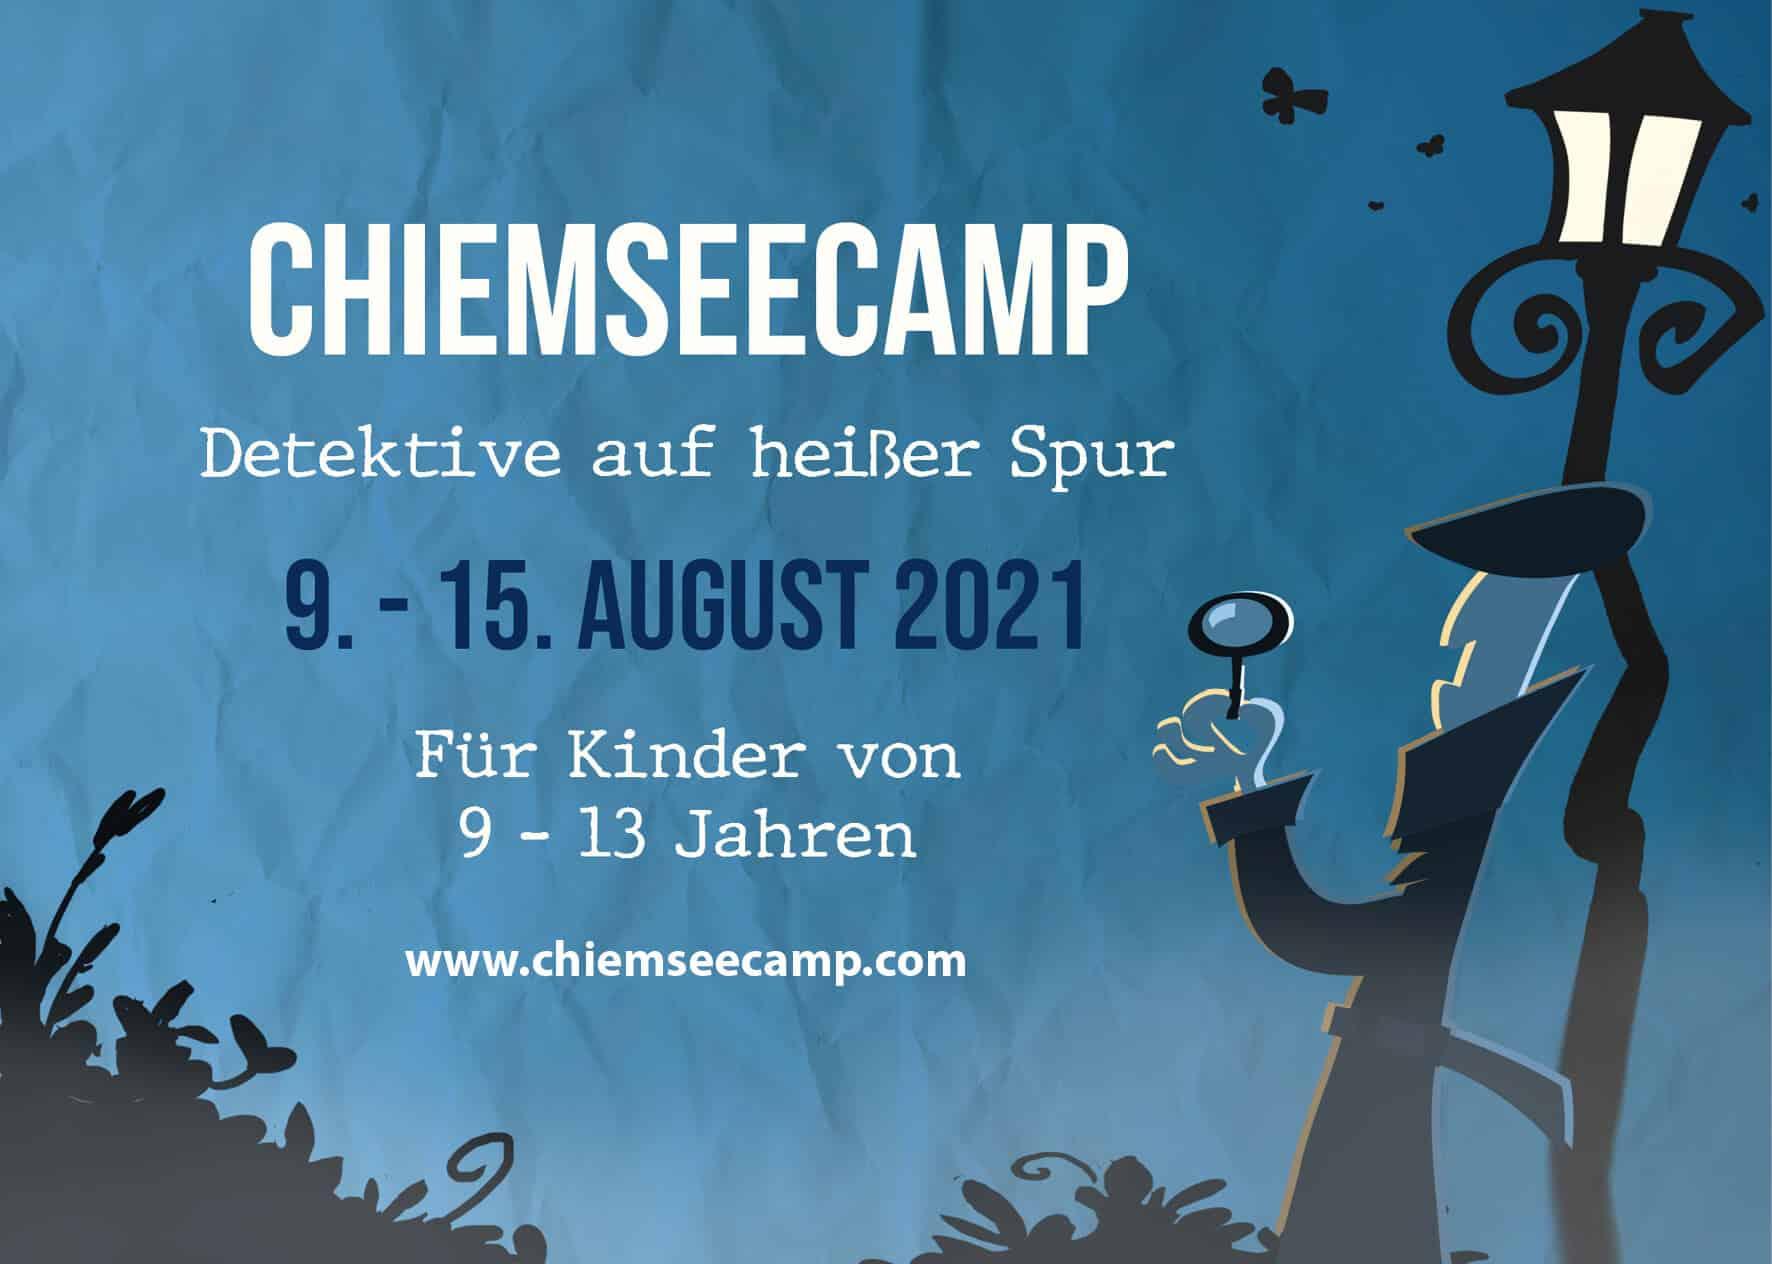 Chiemseecamp 2021